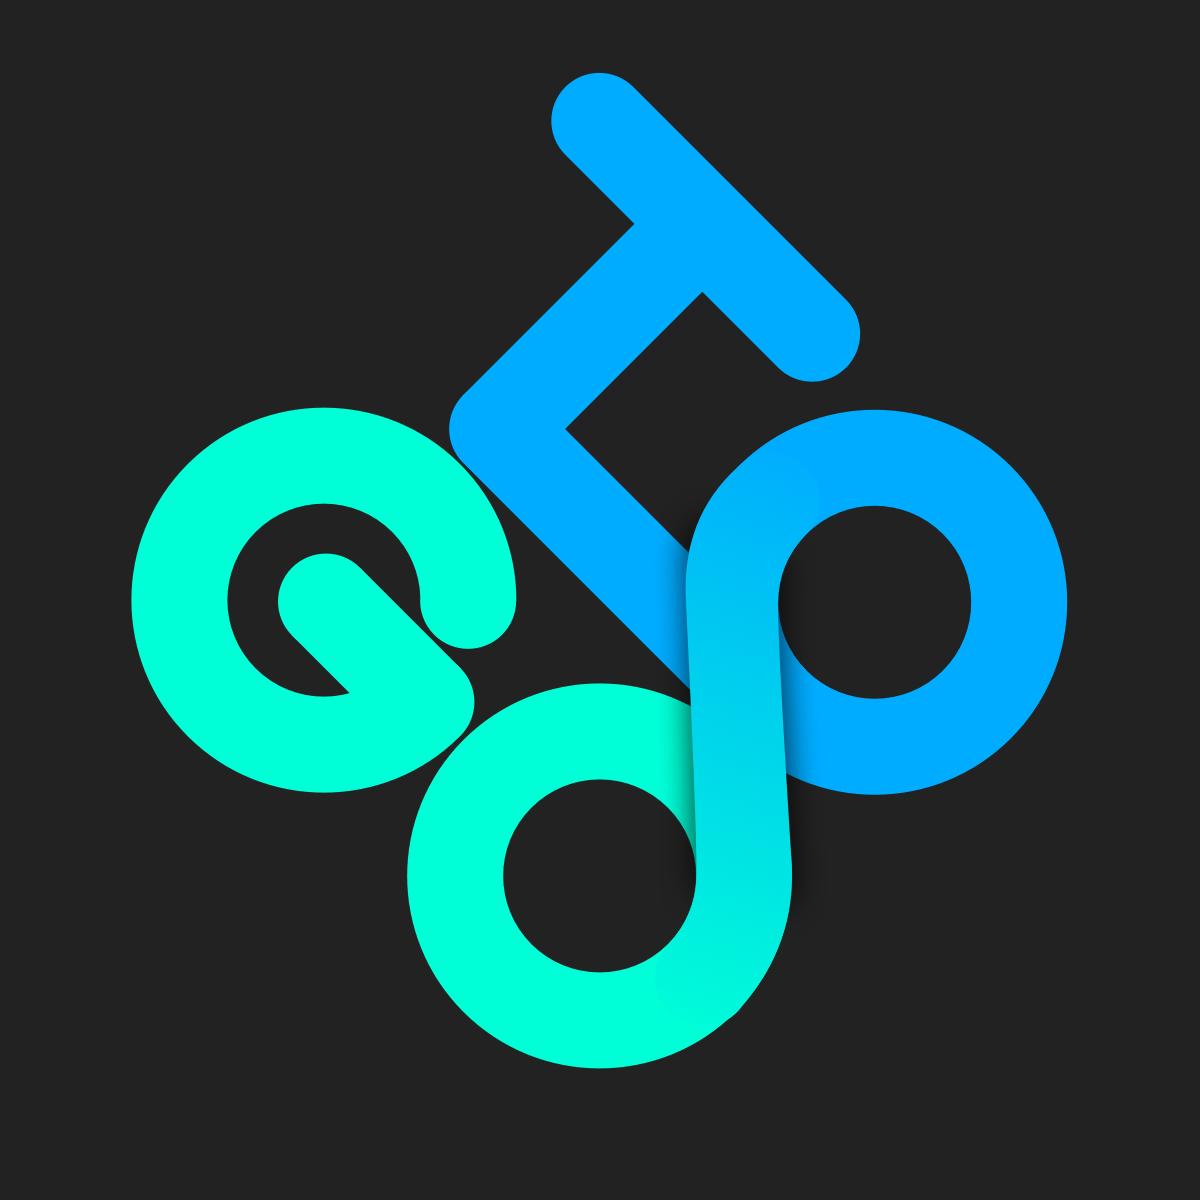 Разработать логотип и экран загрузки приложения фото f_6155a872964ed510.png